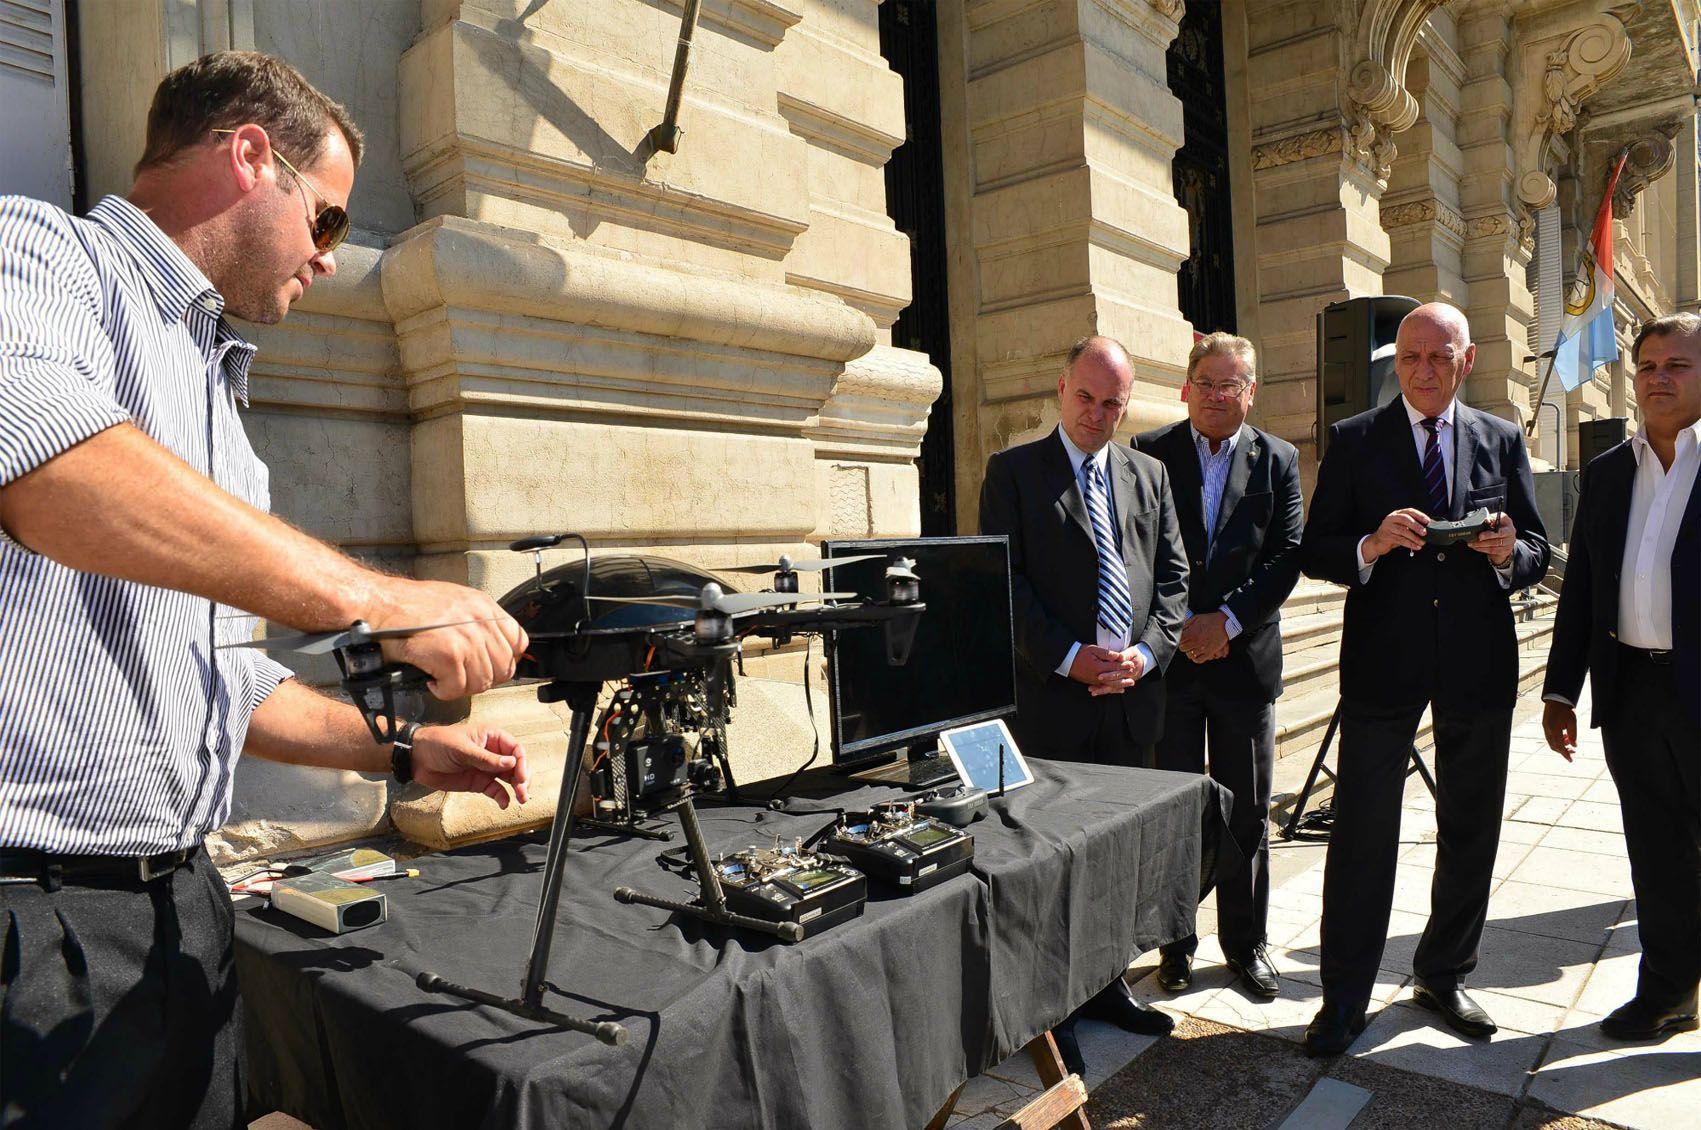 El acto de entrega en Santa Fe de patrulleros y drones para la policía.